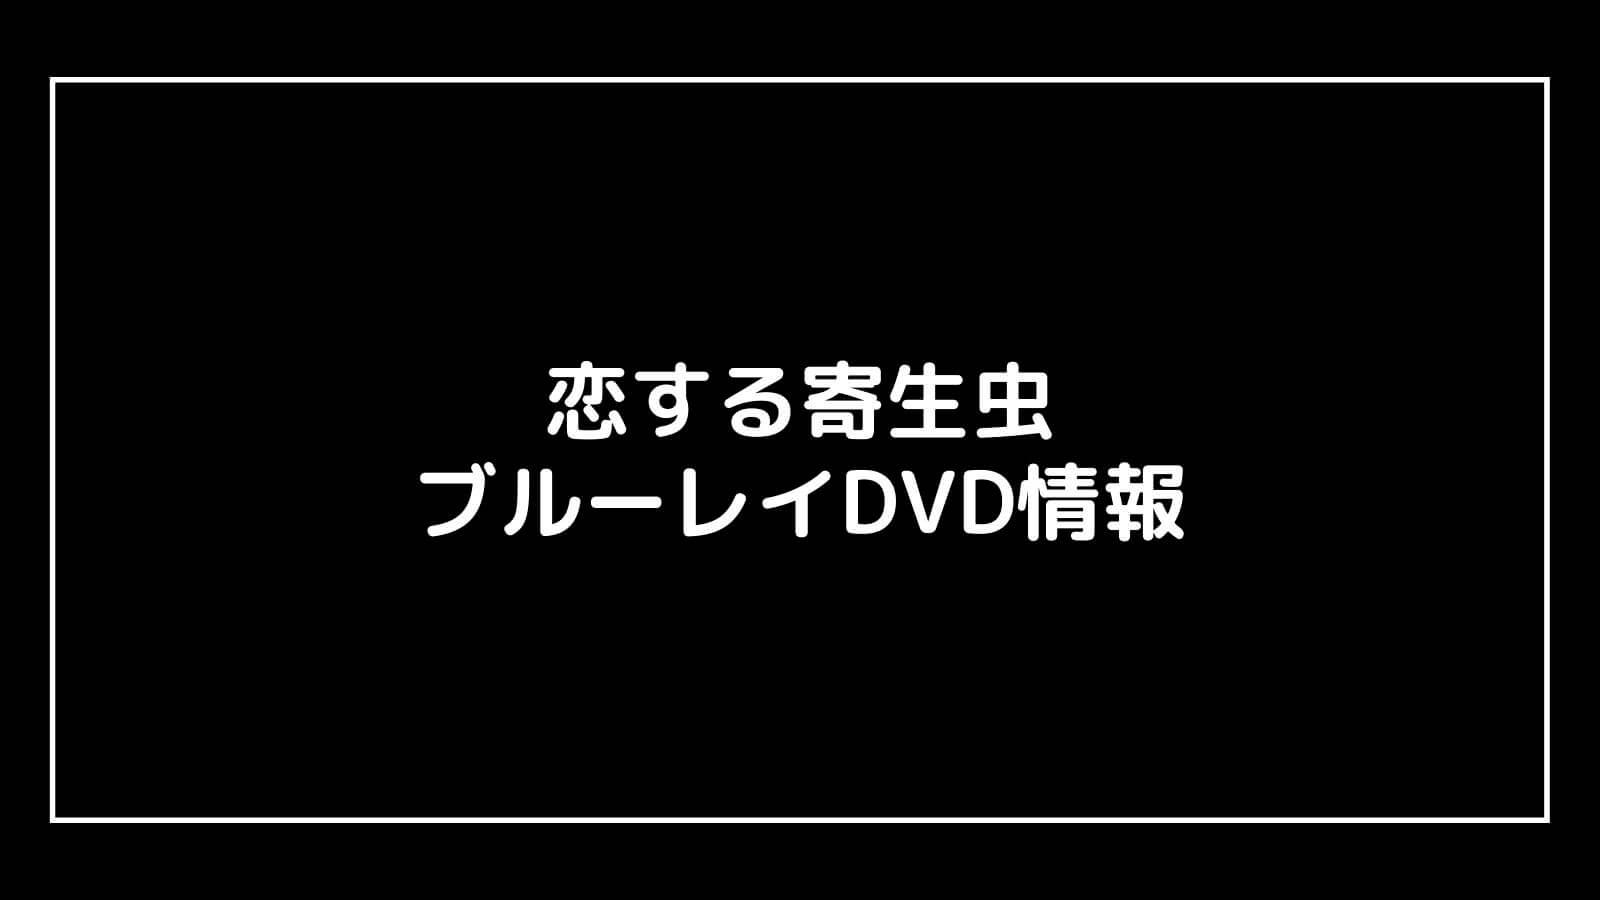 映画『恋する寄生虫』のDVD発売日と予約開始日はいつから?円盤情報まとめ